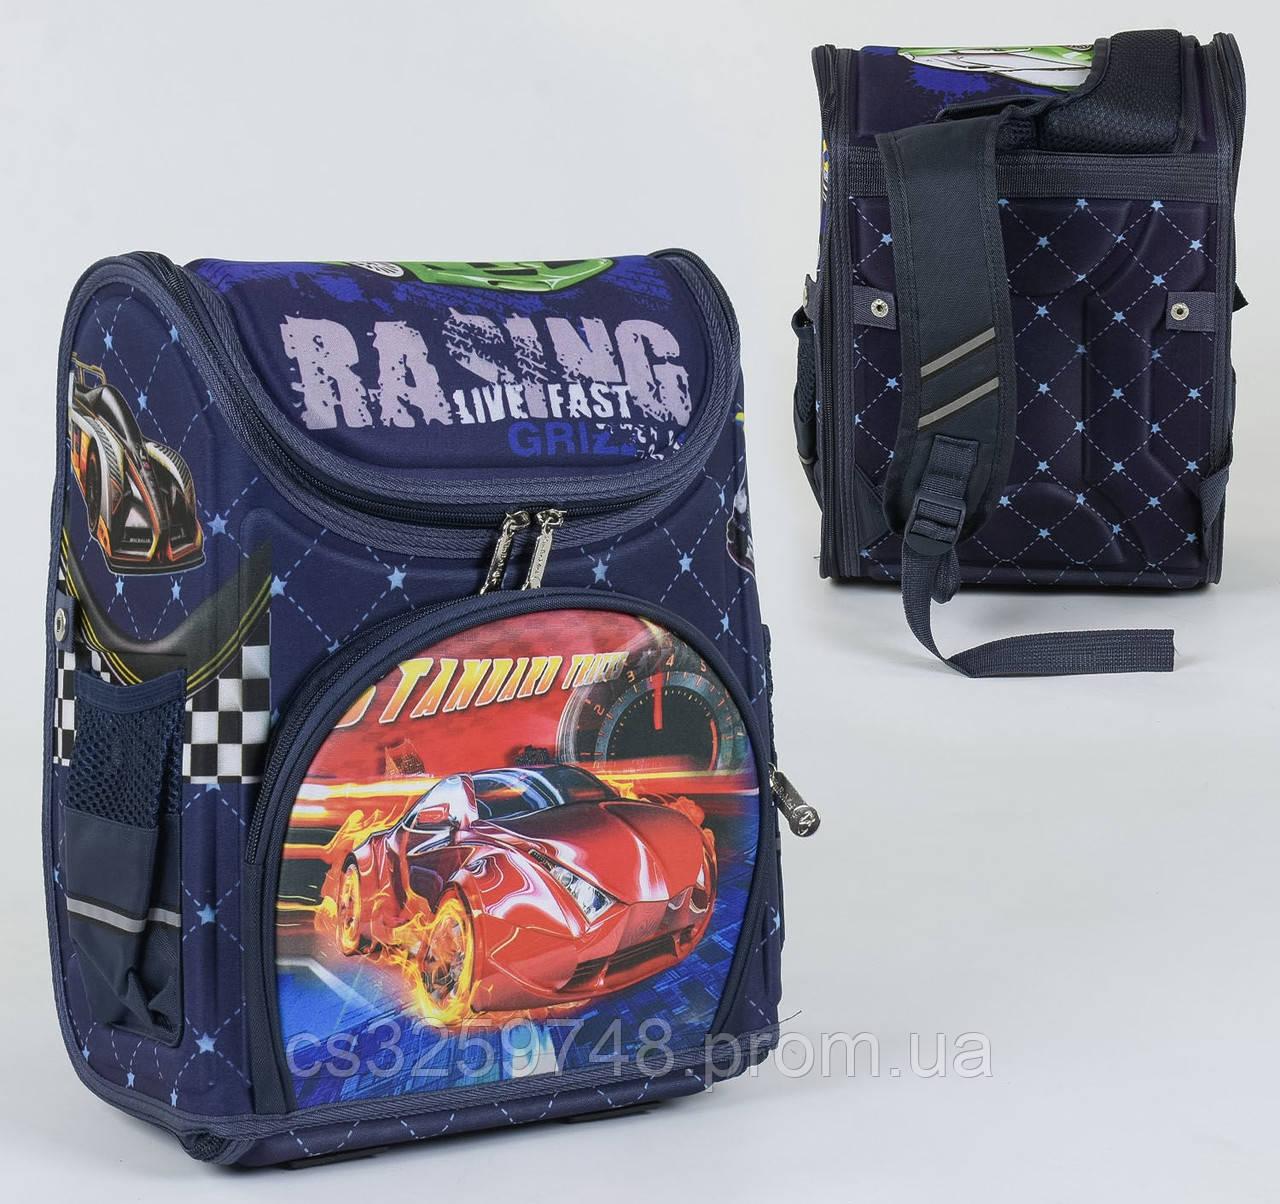 Шкільний каркасний рюкзак З 36158 з ортопедичною спинкою на 1 велике відділення та 3 кишені, 3D принт